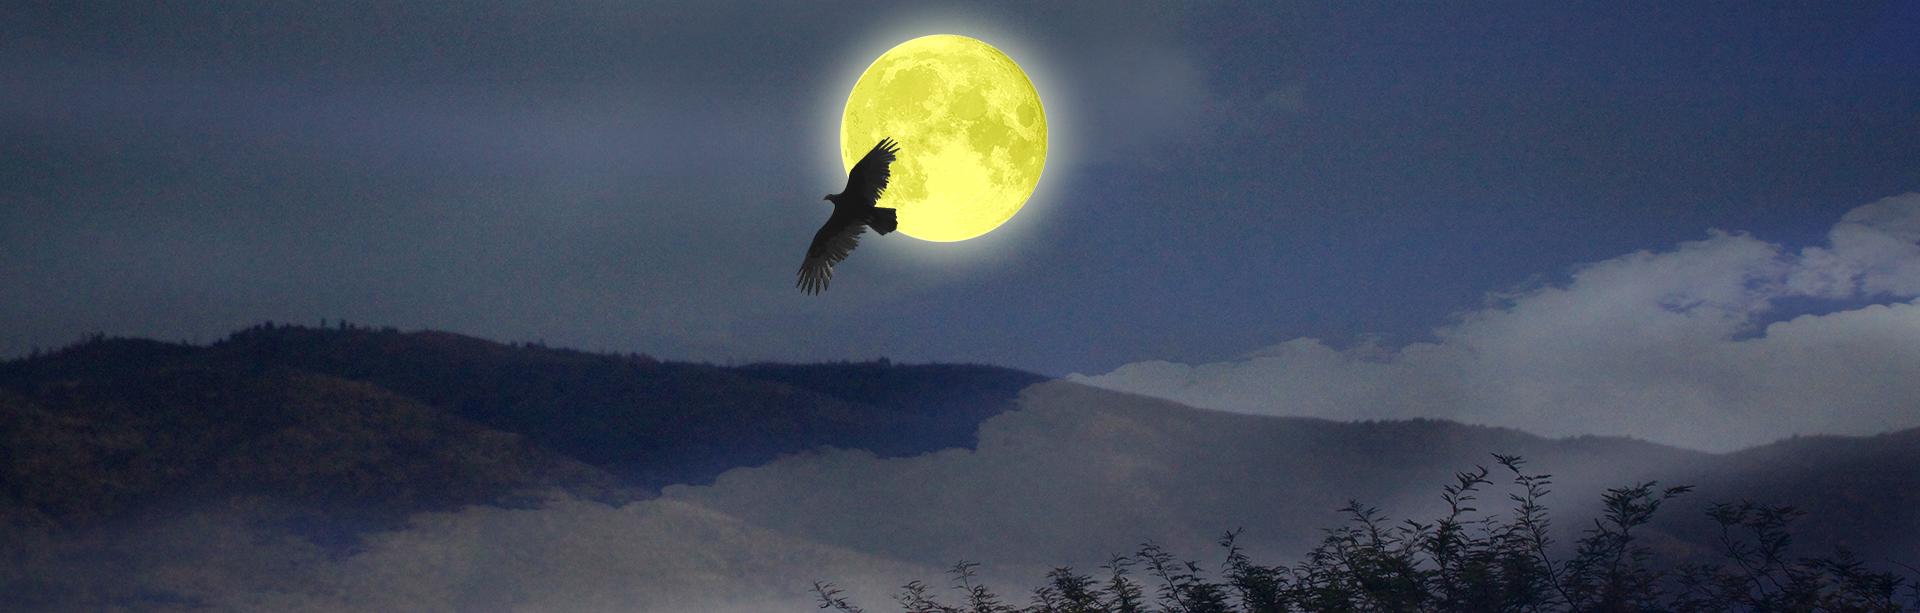 1x3W-Hawk-Moon